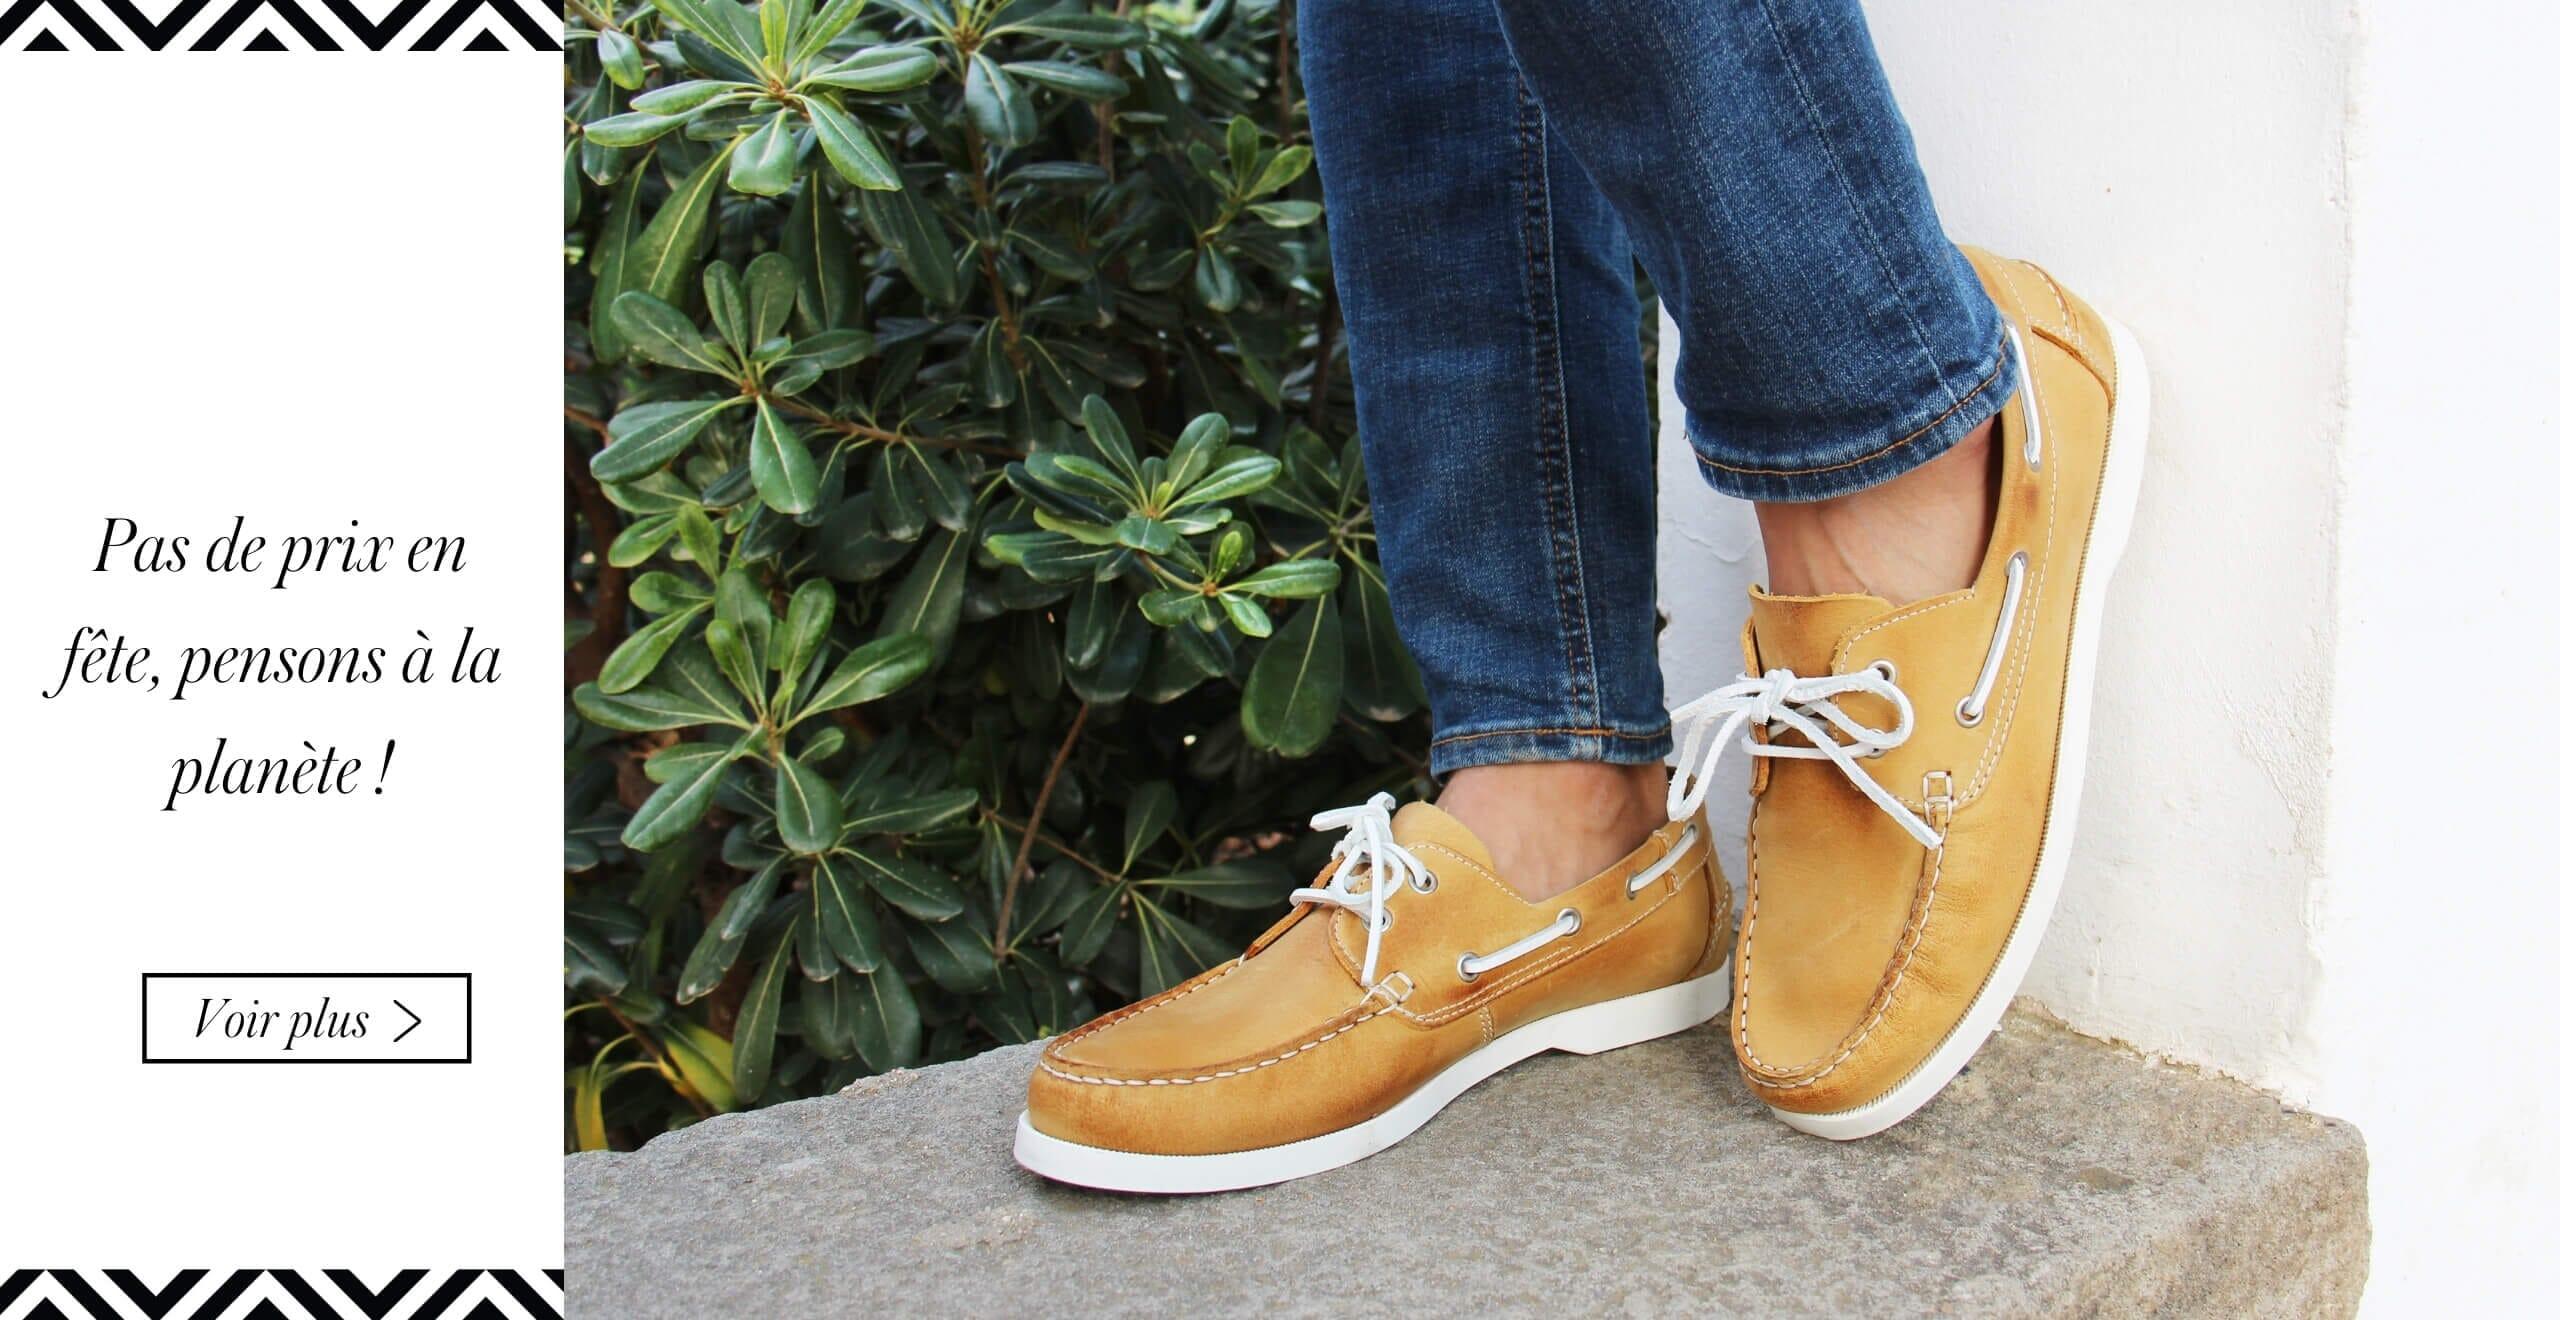 chaussures bateau cuir jaune jules & jenn